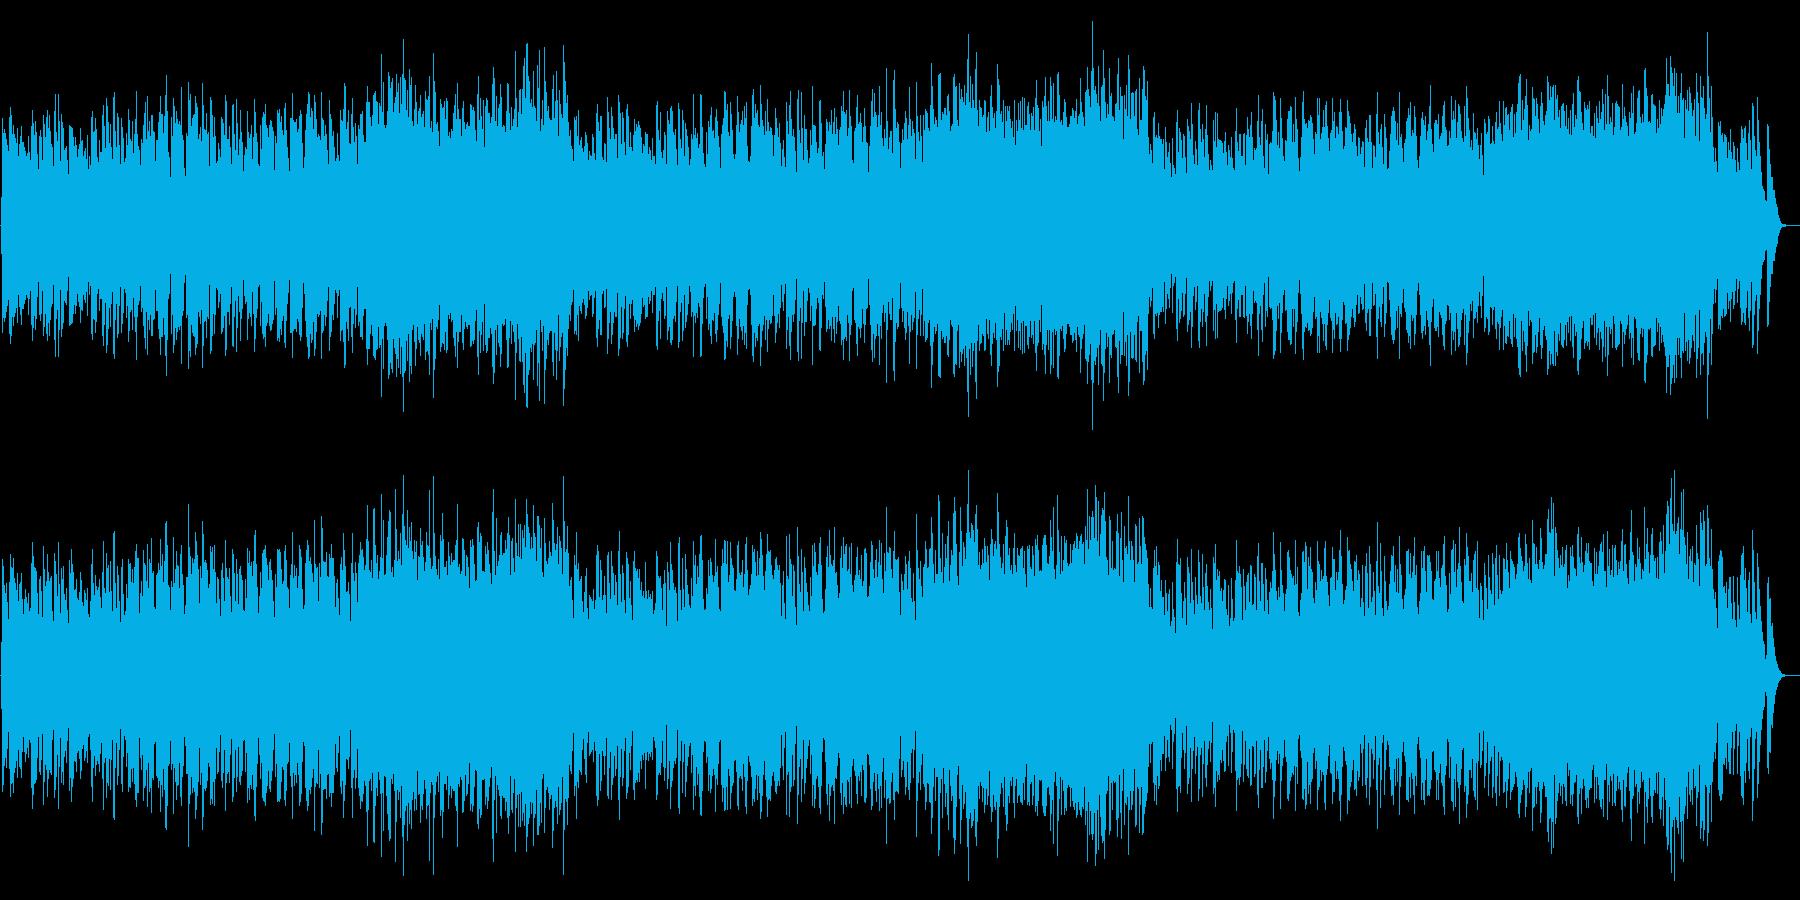 ディンドン空高く crystalの再生済みの波形